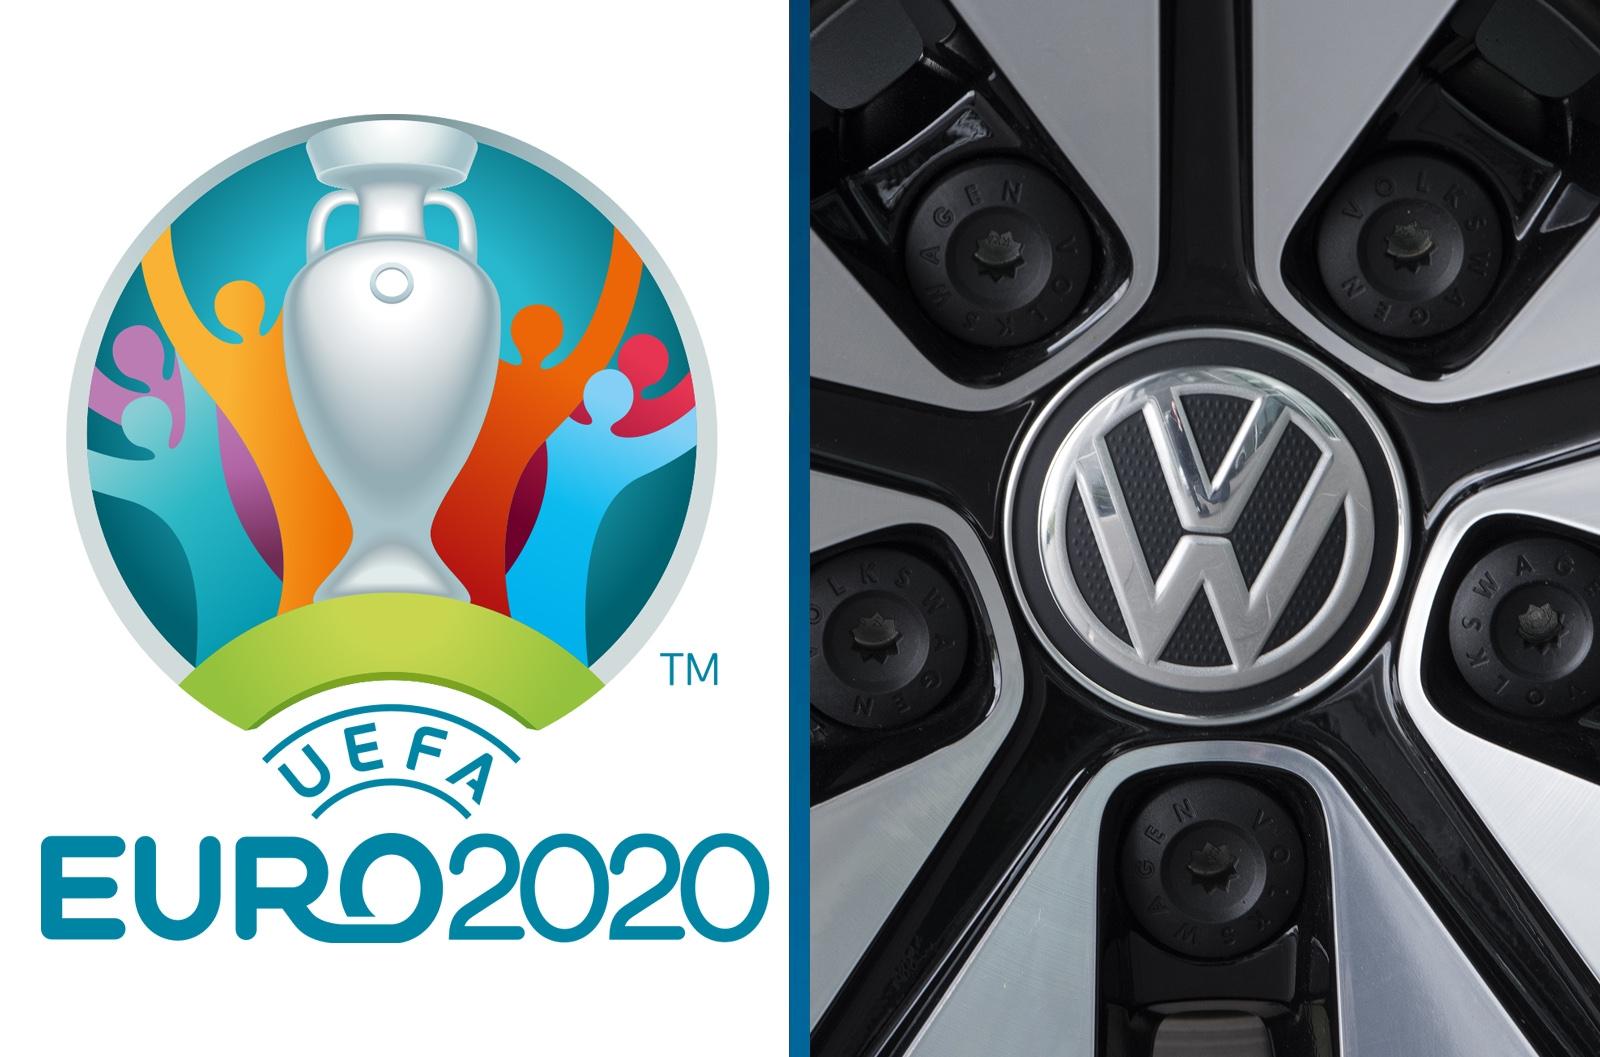 Biljättens stöd till UEFA innebär stöd till Fotbolls-EM 2020. Foto  UEFA 91591166859c7